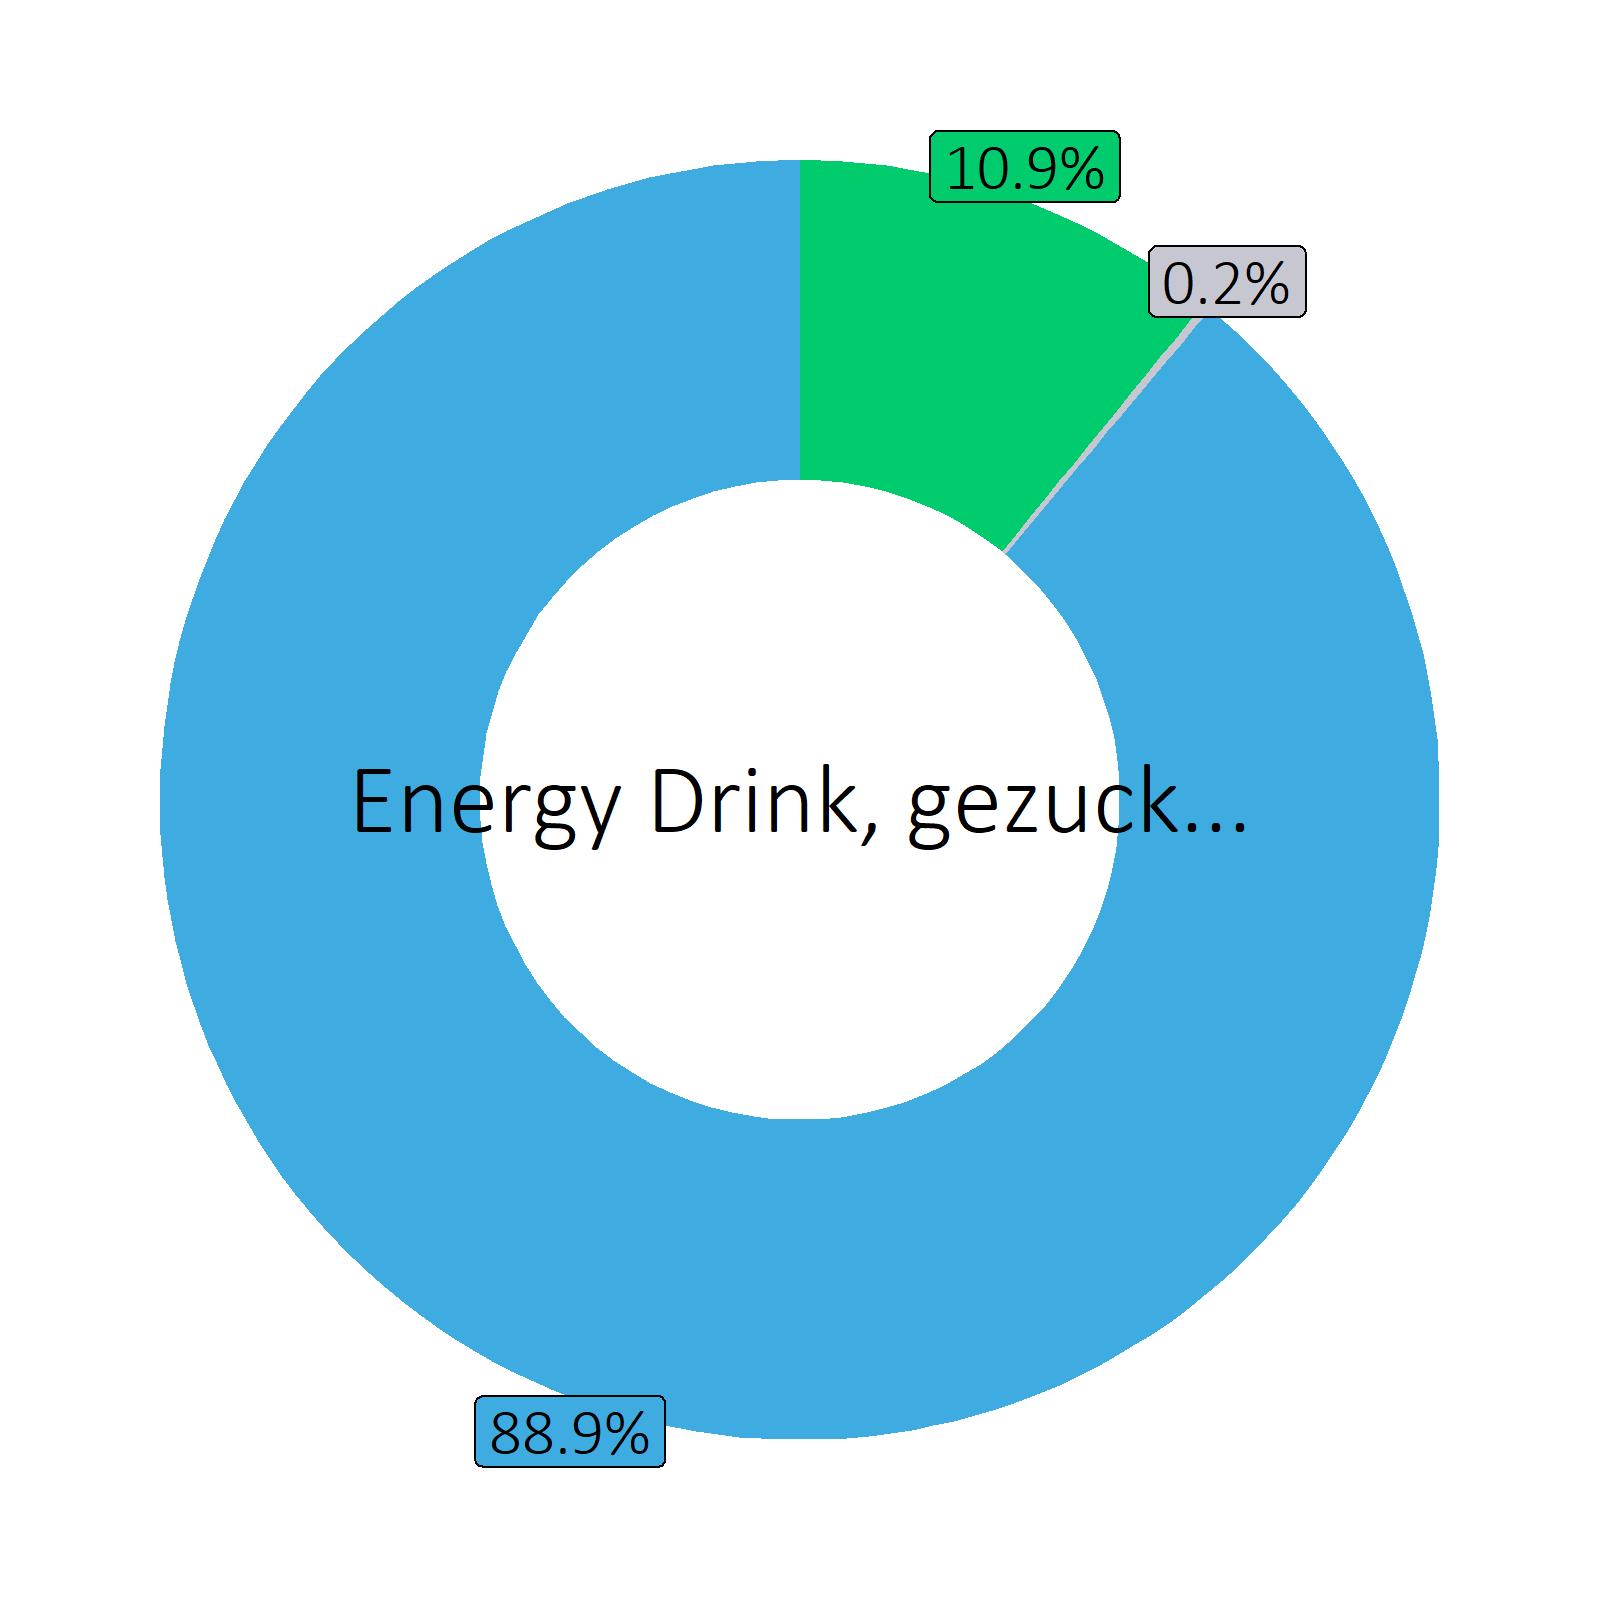 Bestandteile Energy Drink, gezuckert  (Durchschnitt von Markenprodukten)